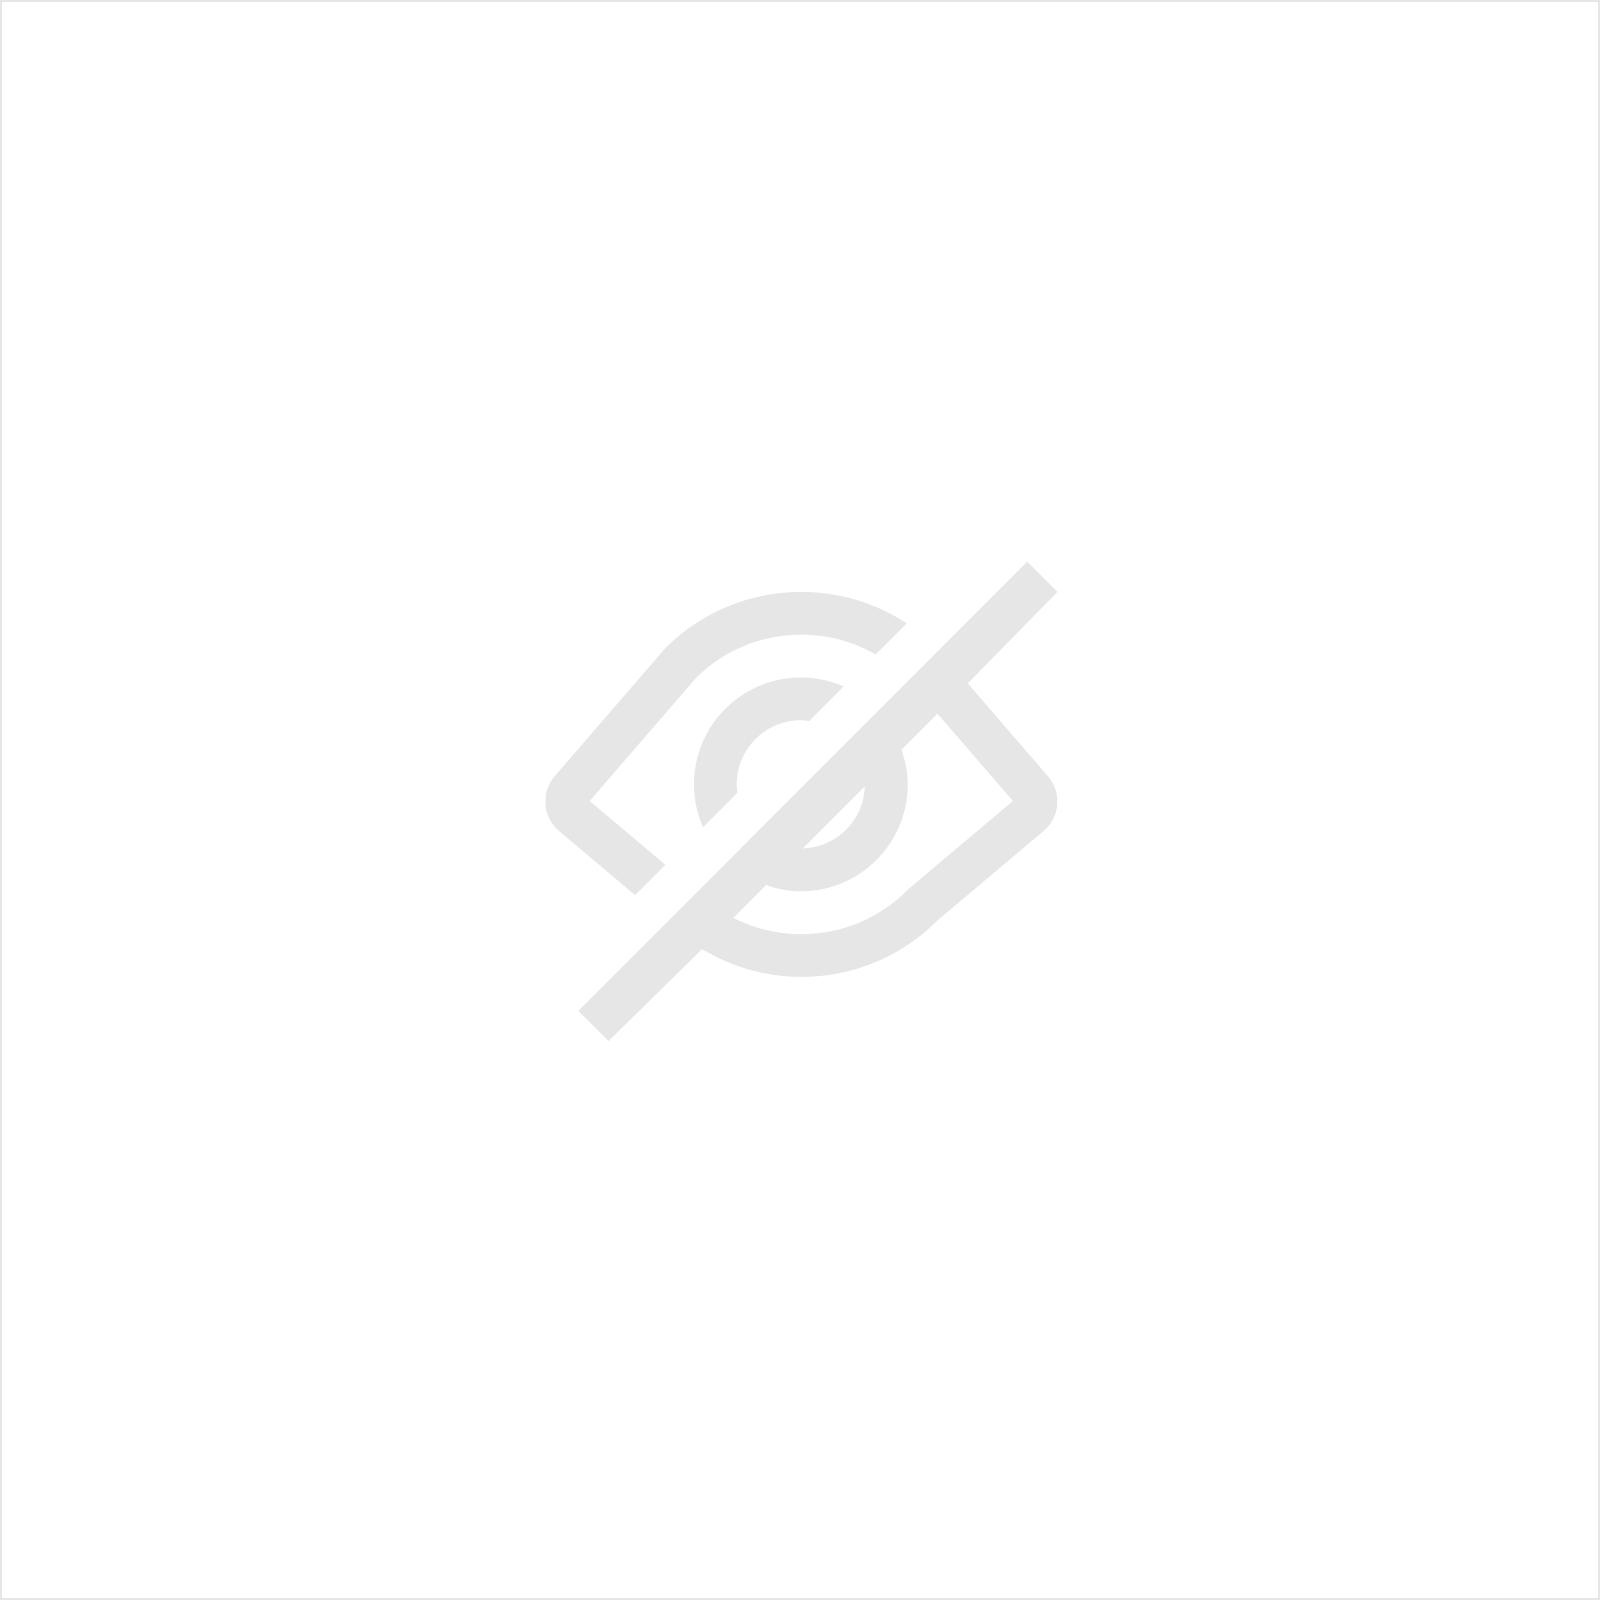 SCHROEFDRAAD REPARATIE SET (131 DELIG)